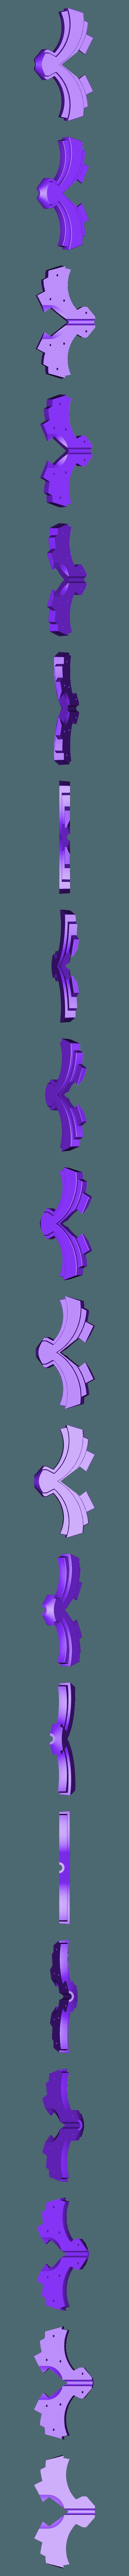 sword - garde.stl Télécharger fichier STL gratuit Link Goddess Sword (without painting) • Design pour imprimante 3D, lipki